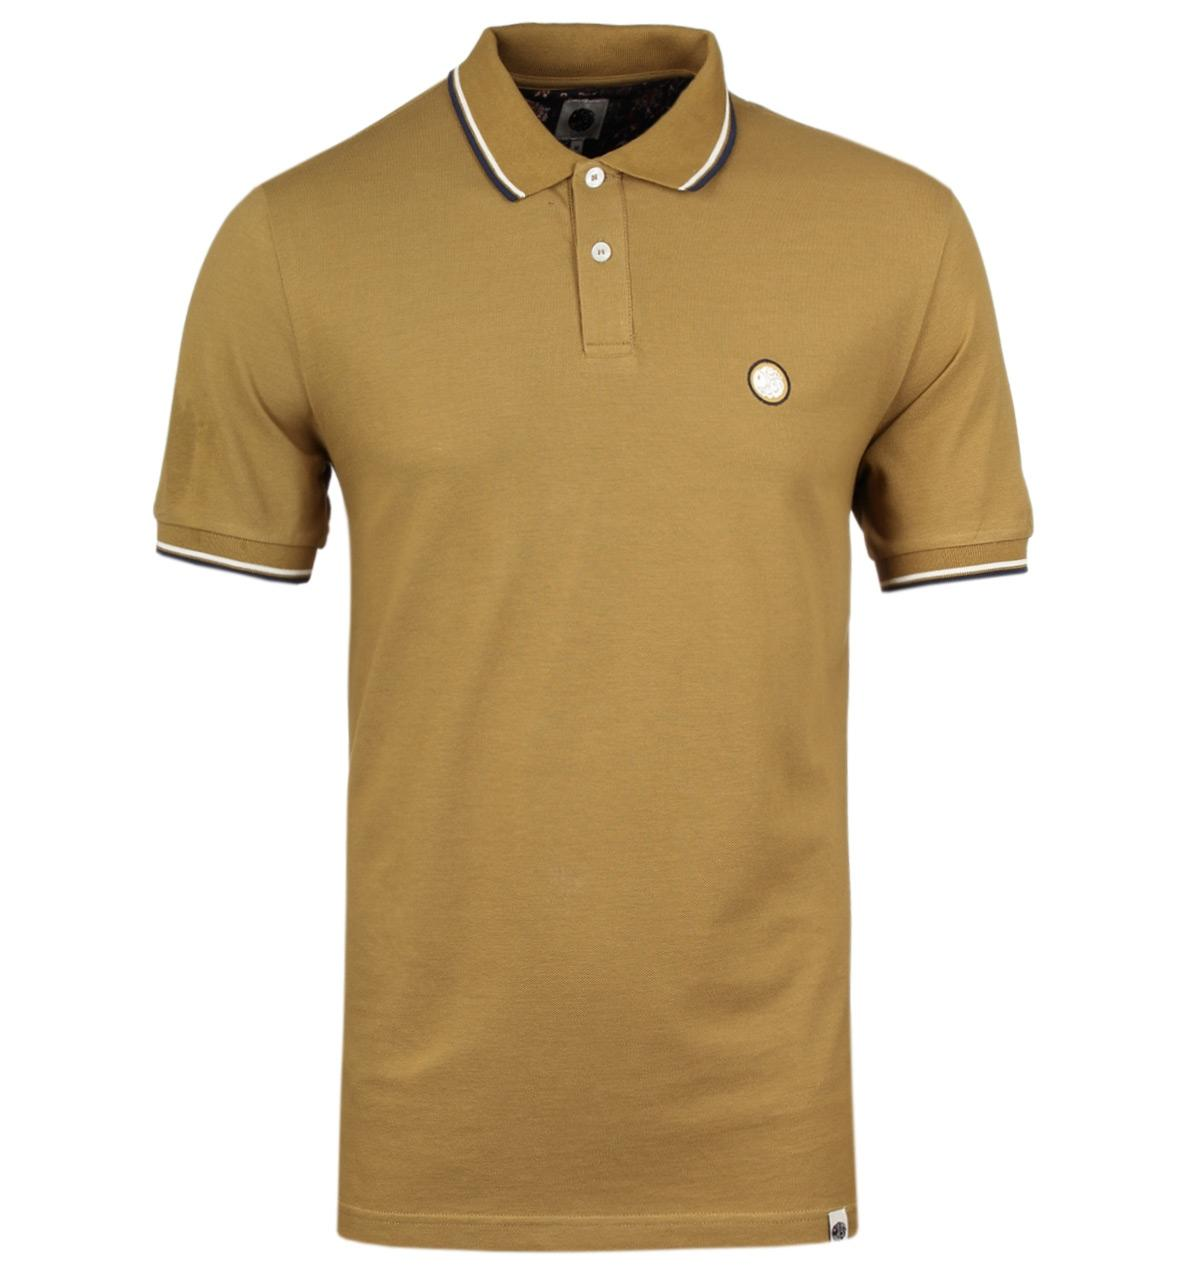 Slim Fit Mens Polo Shirts